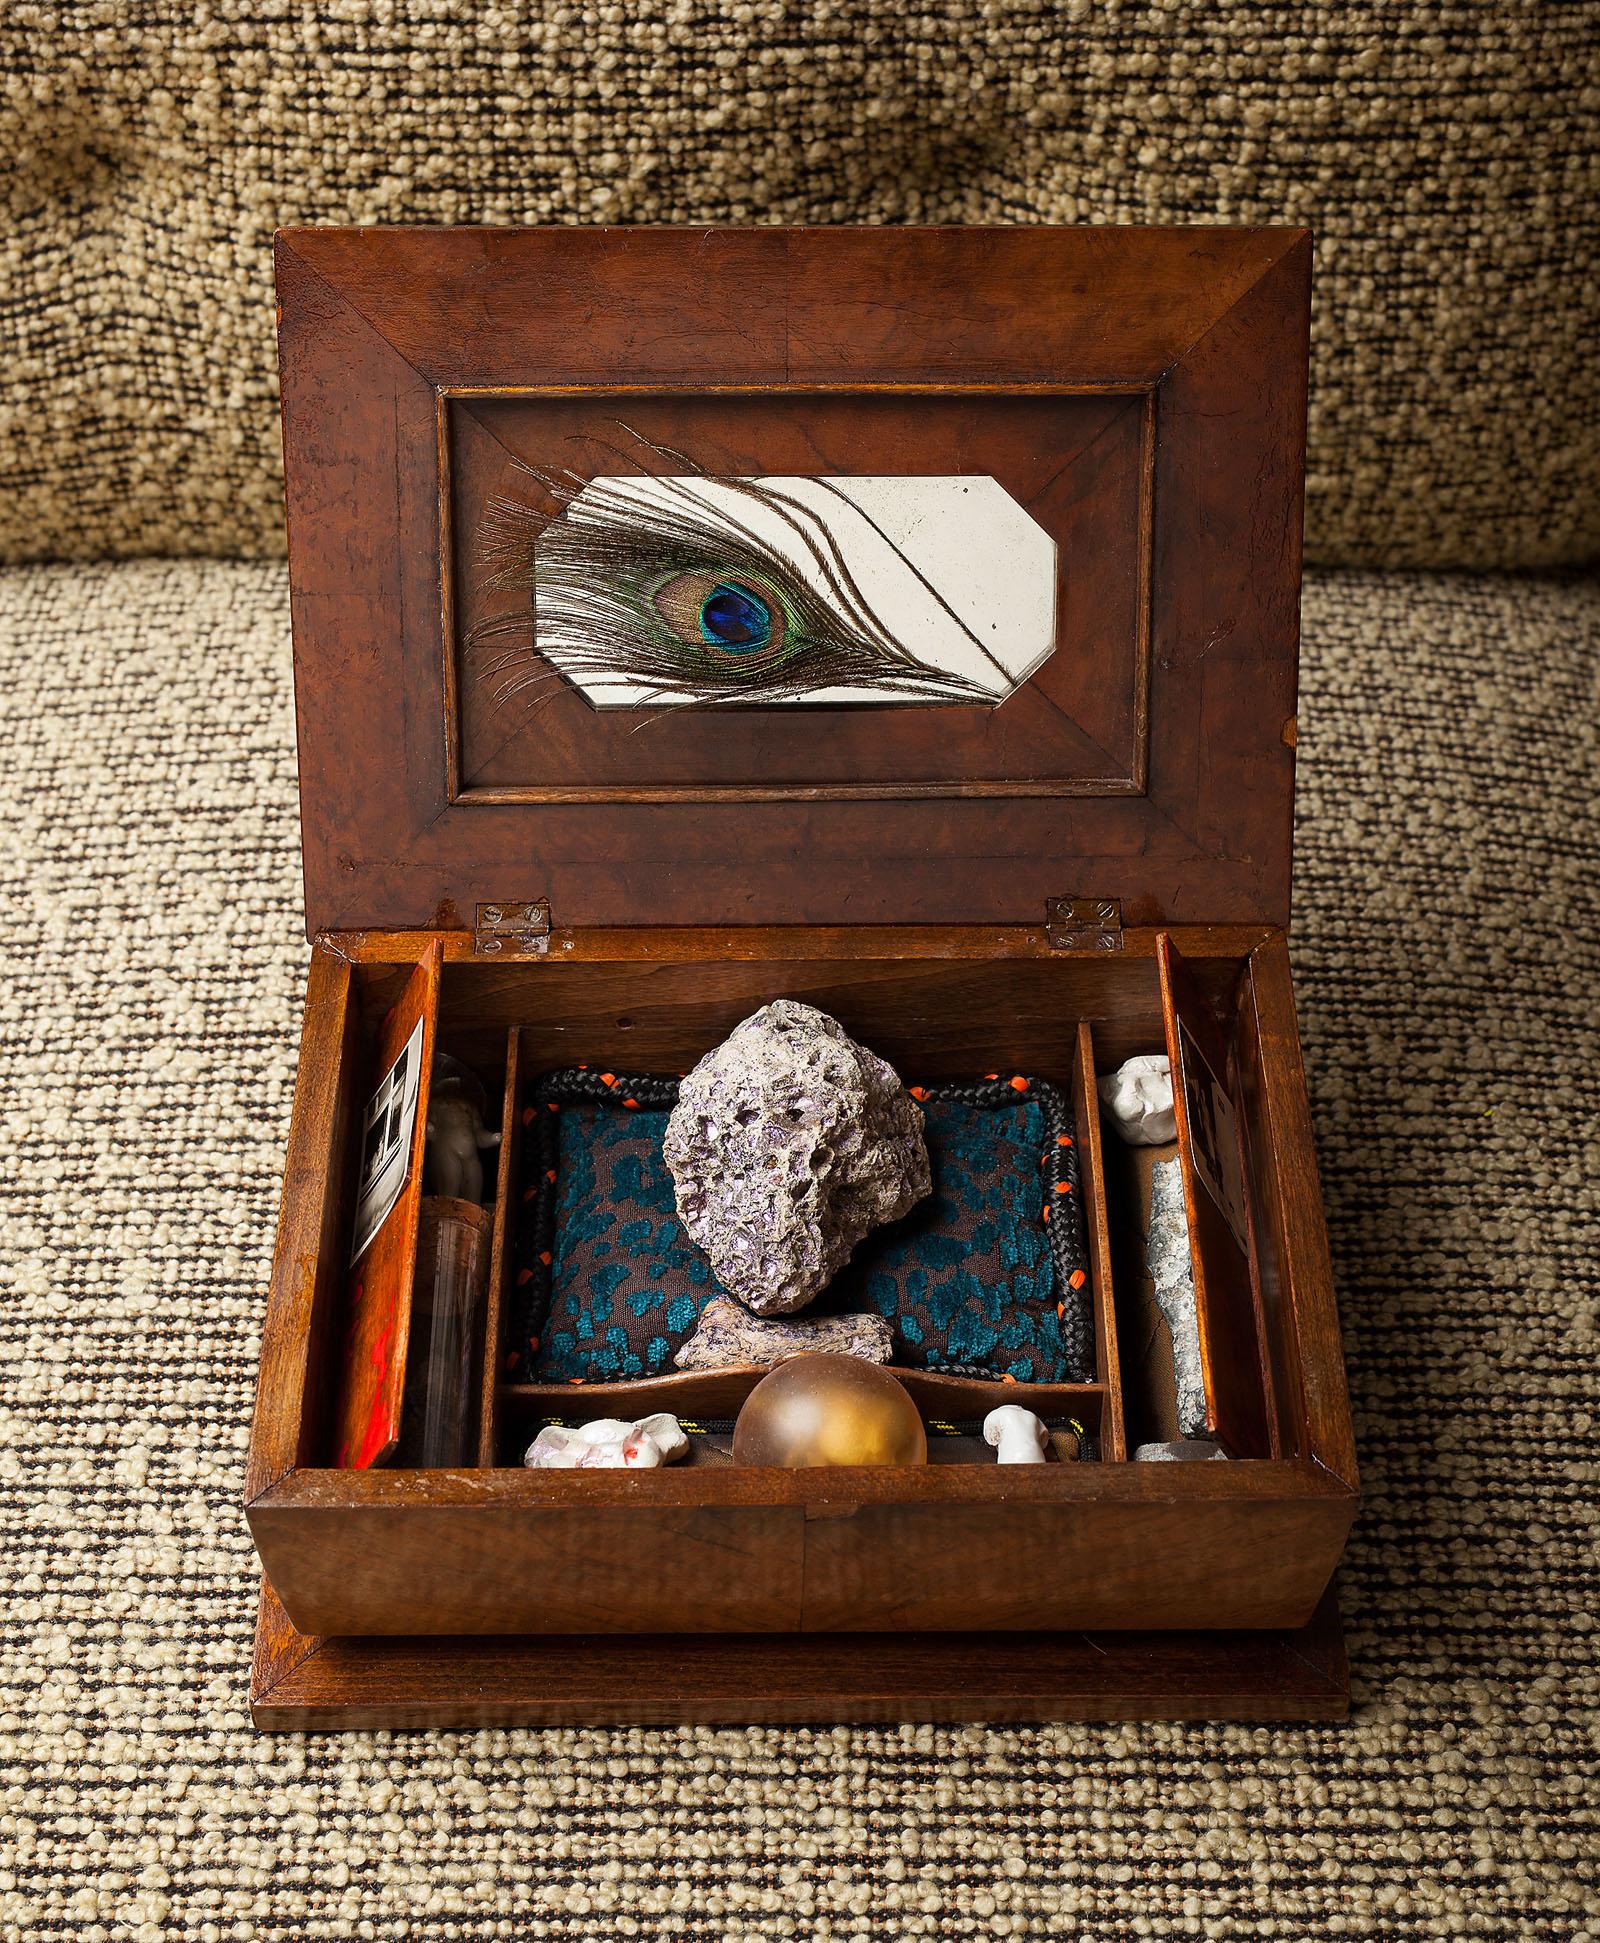 """o.T. aus der Serie """"Does Voodoo work?"""" (innen), 2018, 28,5 x 20,7 x 10,8 cm, Applikationen und Objekte diverser Materialien in und auf Holzschrein"""